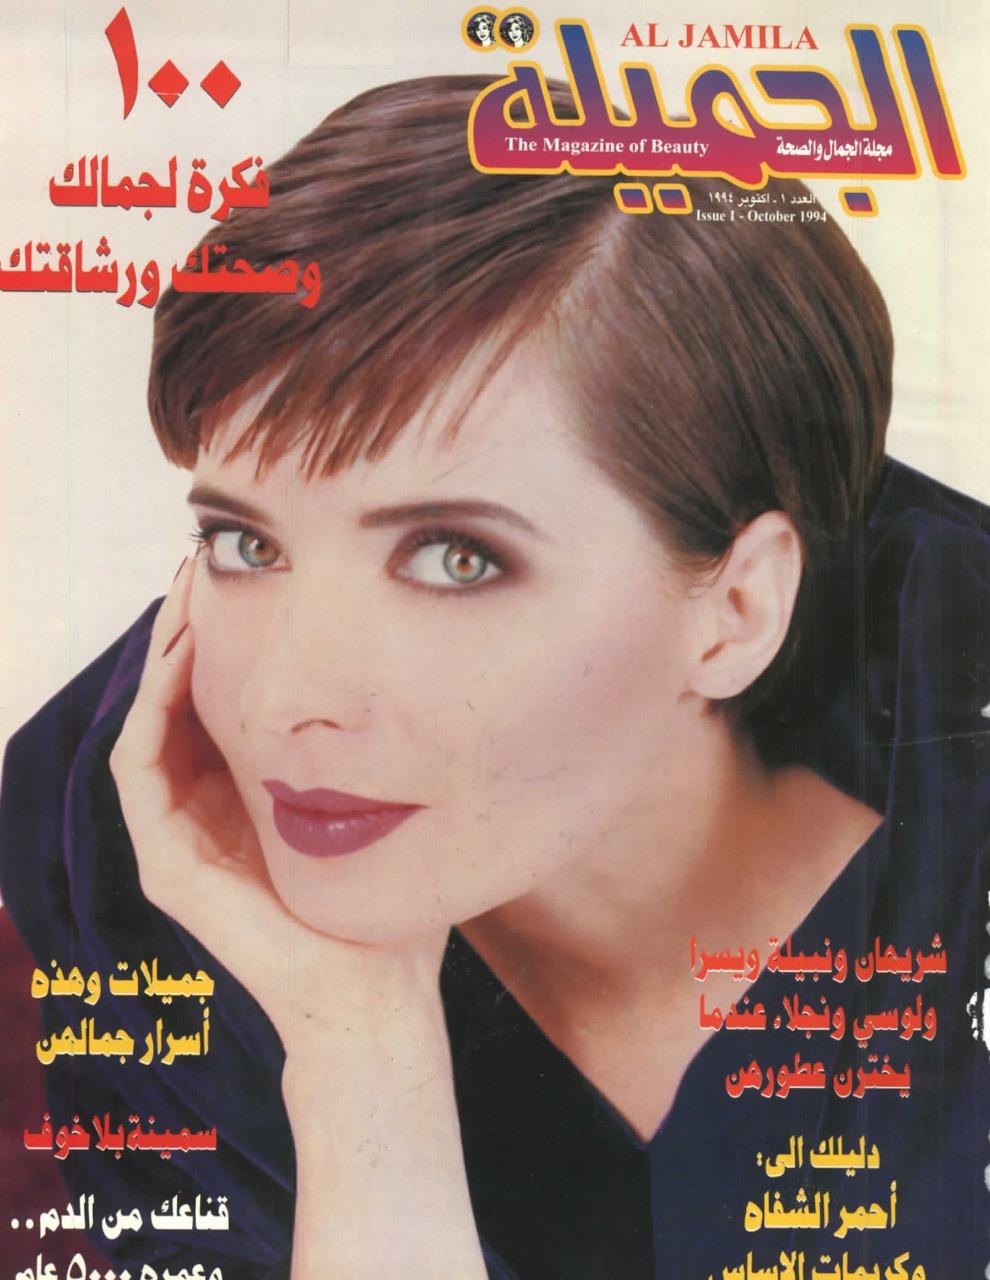 الجميلة: مجلة شهرية متخصصة في الجمال والأناقة، أُسّست في لندن 1994